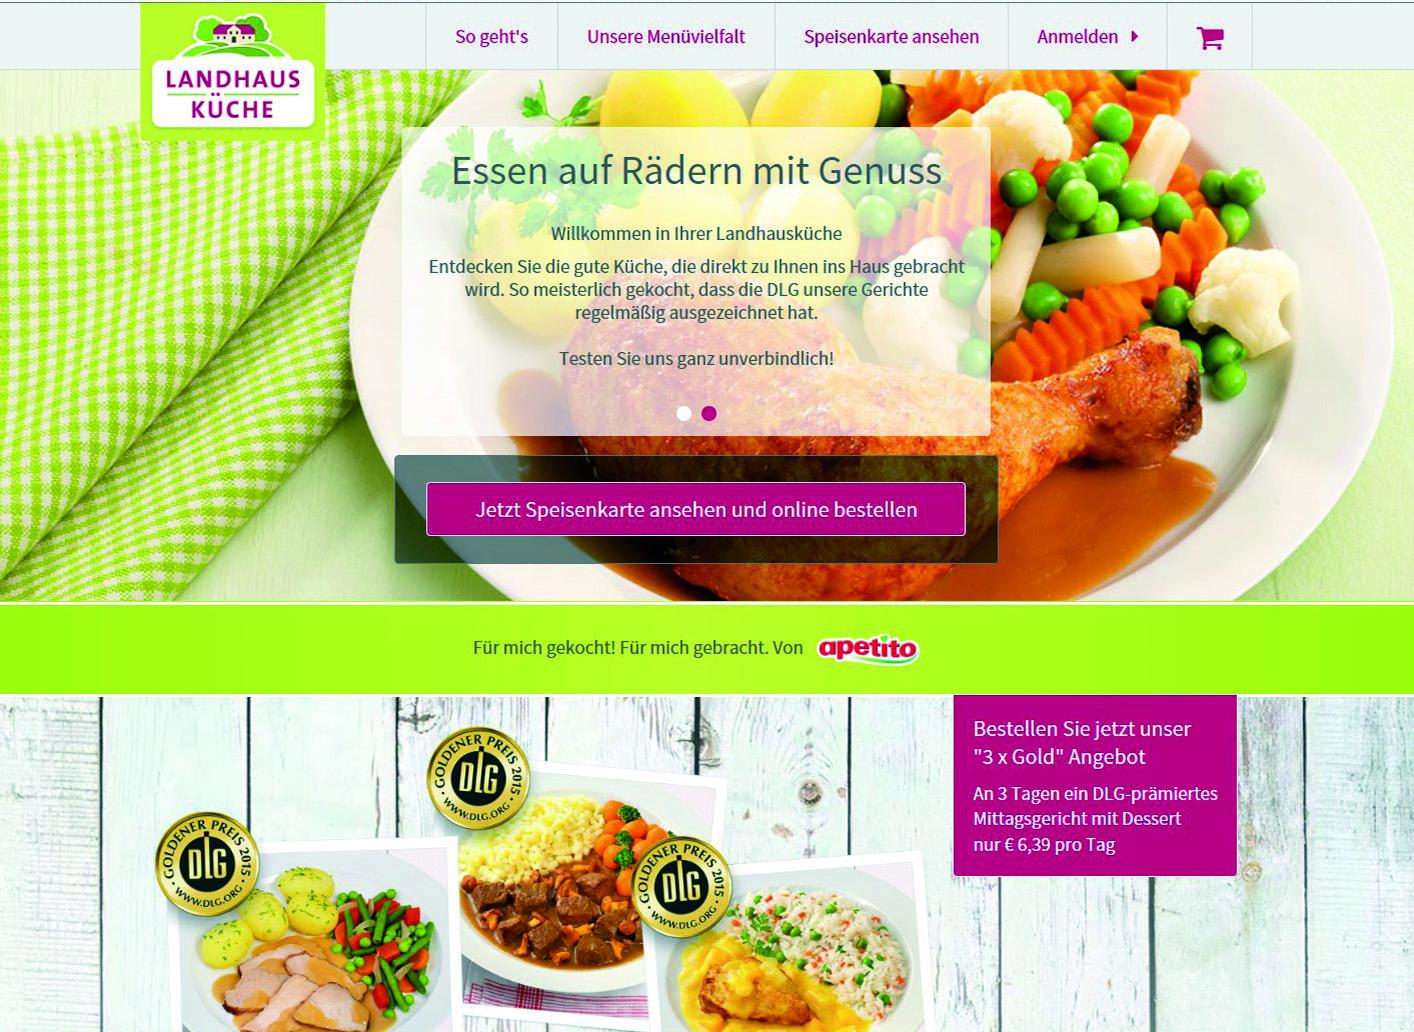 Landhausküche apetito  18.08.2016: Apetito - Auf digitalen Wegen